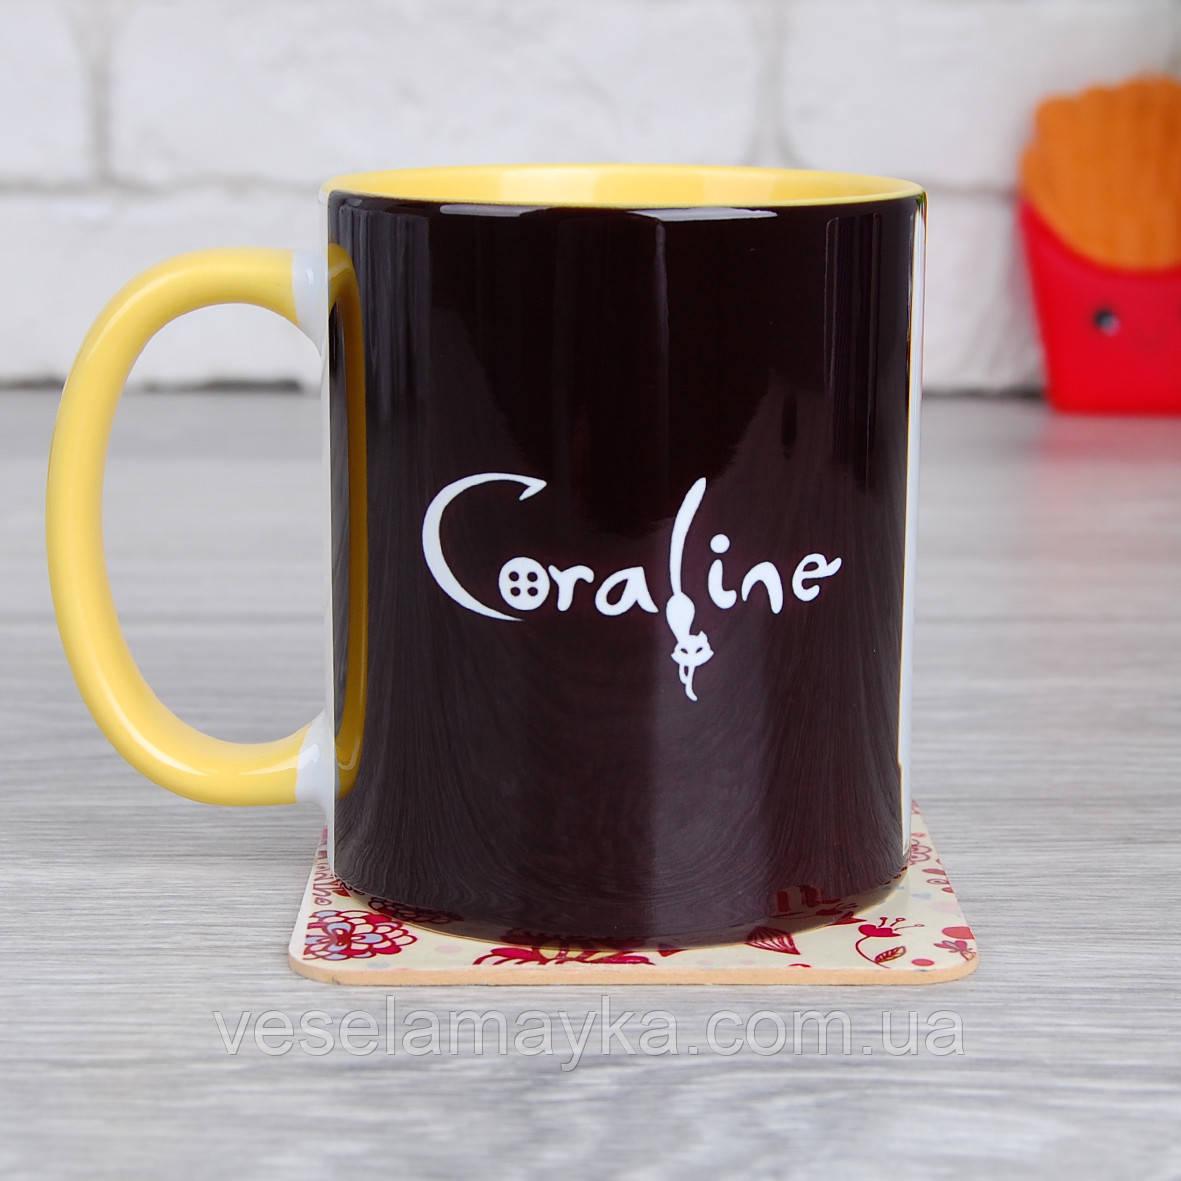 Желтая чашка Коралина в стане Кошмаров (Coraline)